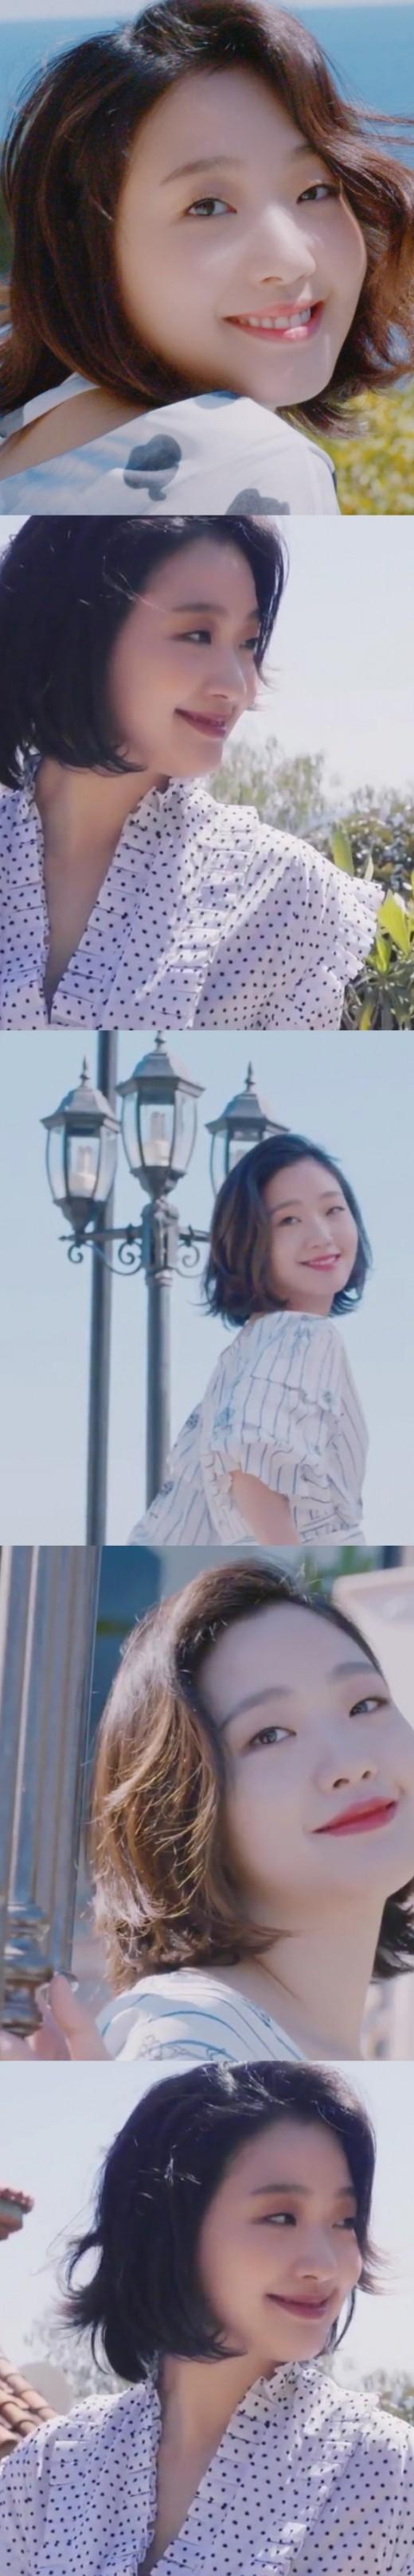 """""""모든 날이 눈부셨다"""" 김고은, 청순섹시美_이미지"""